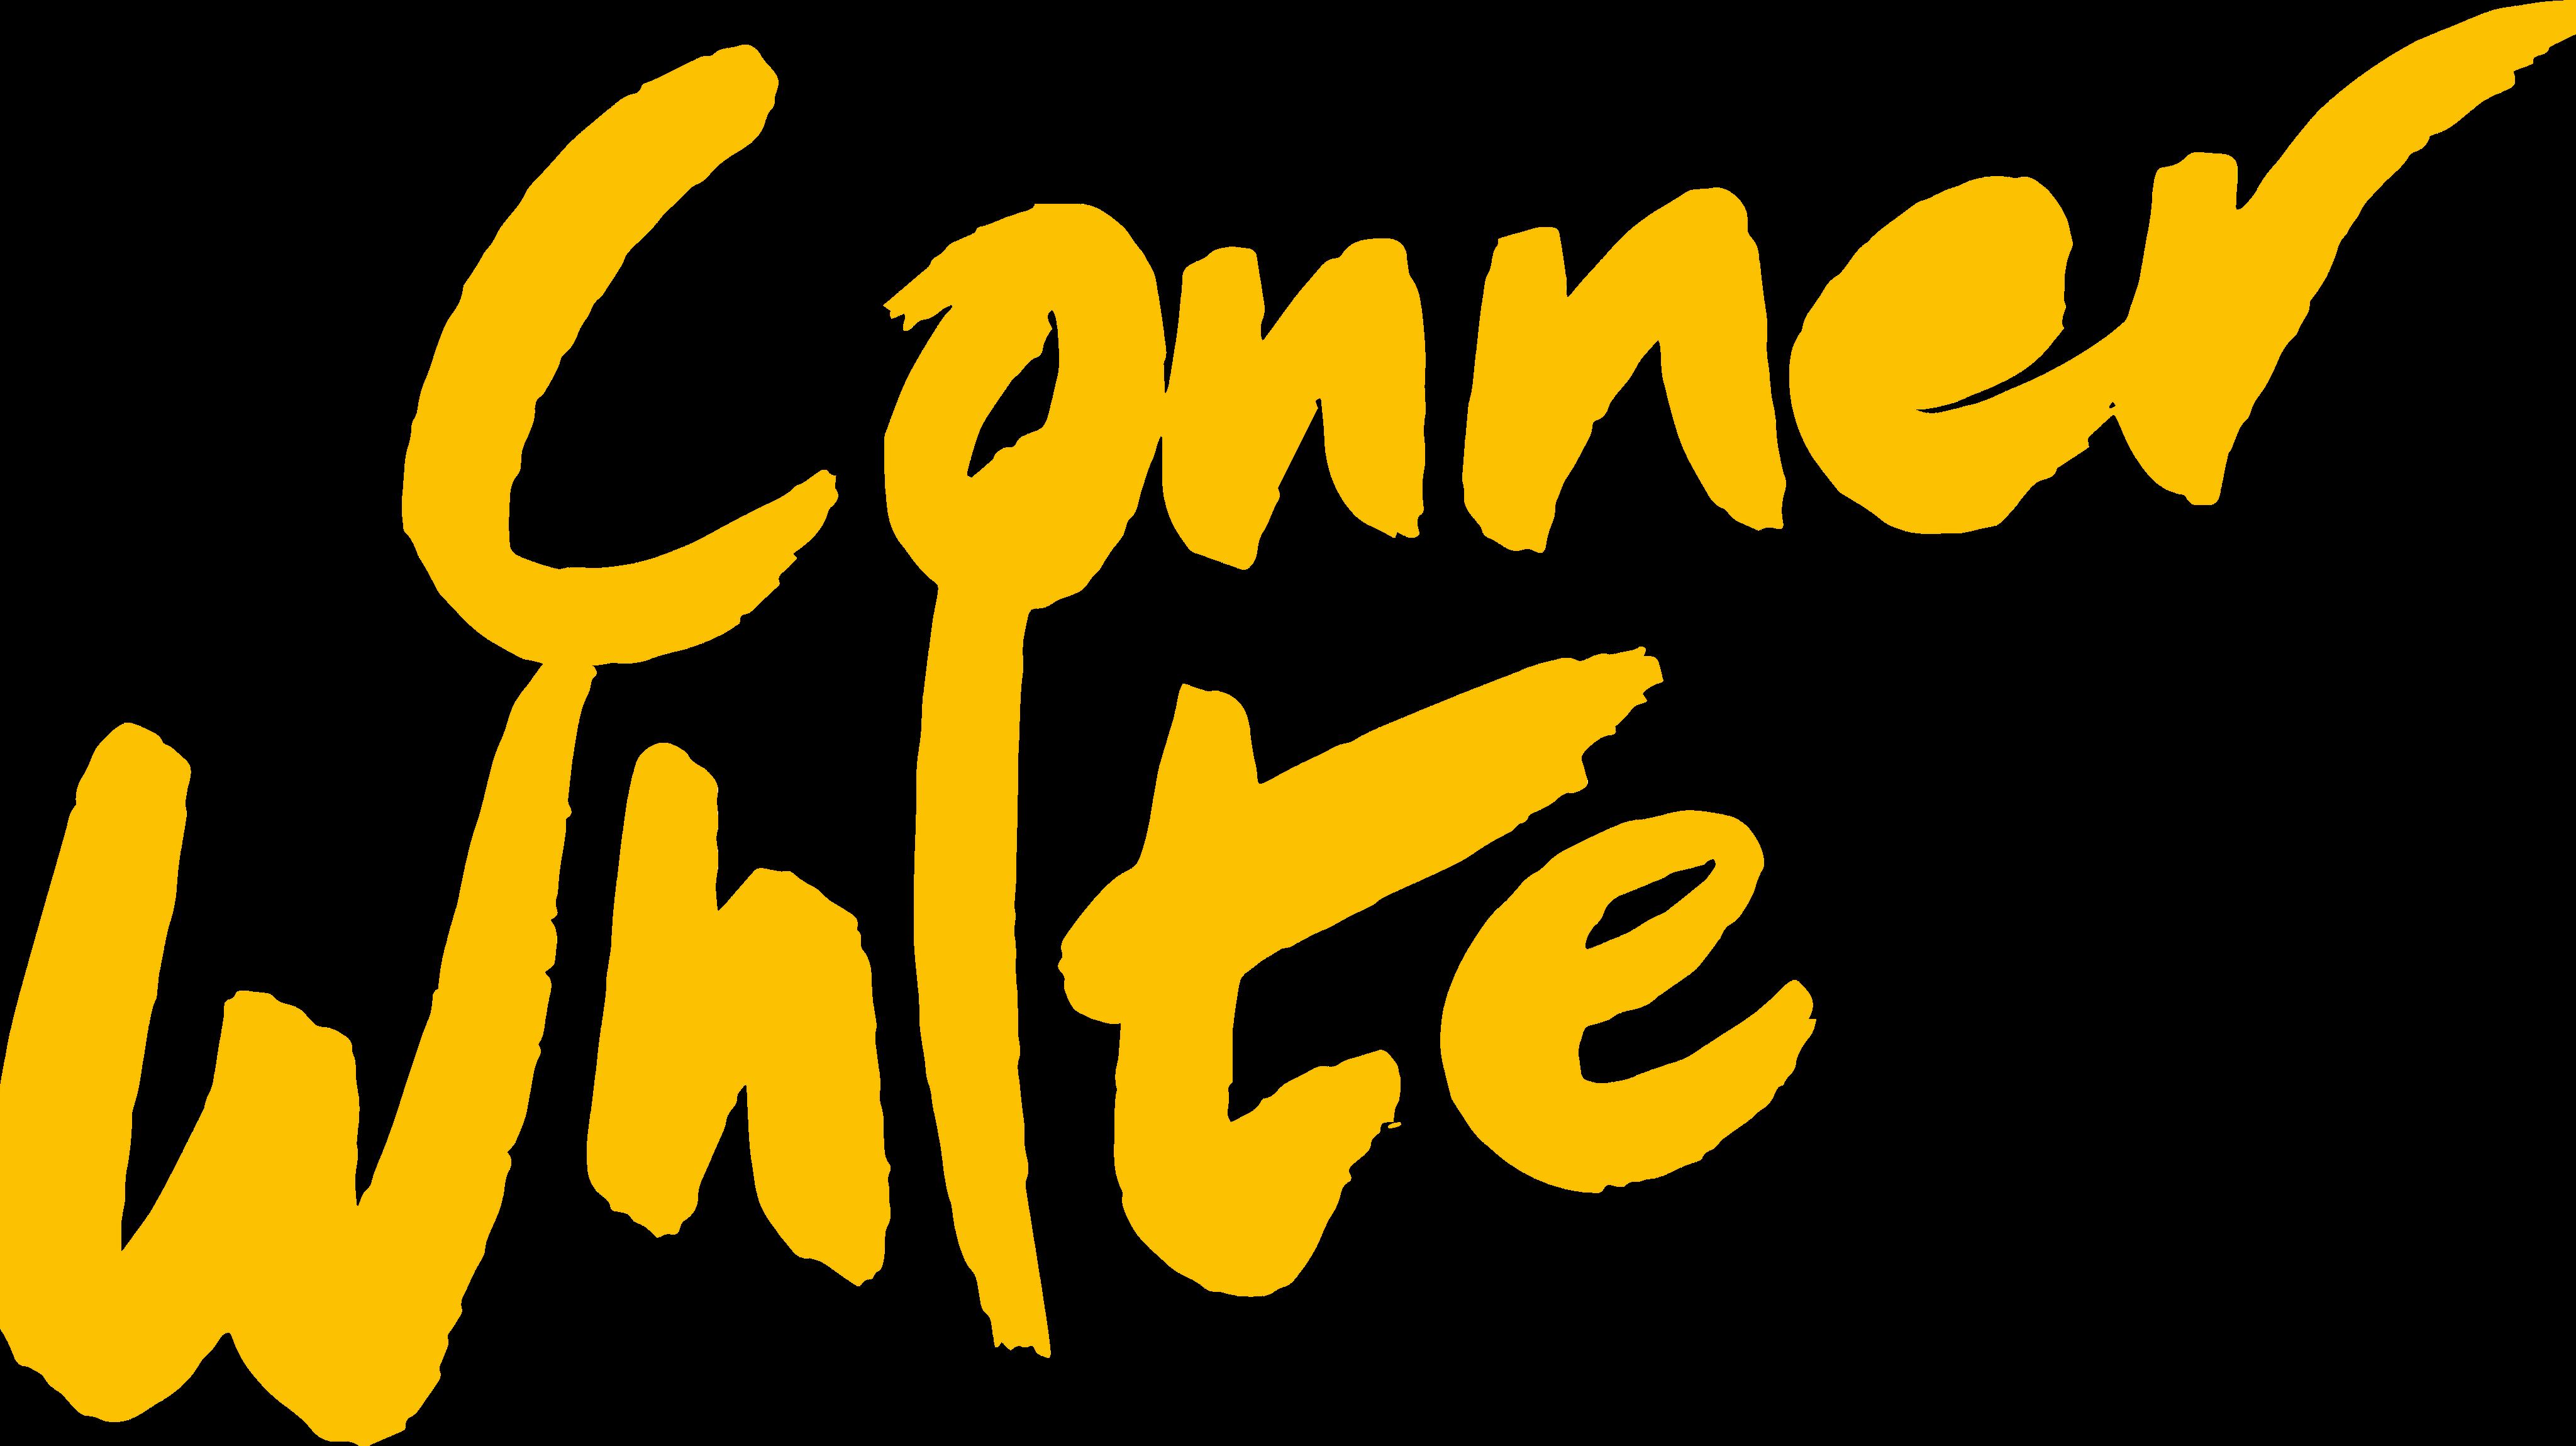 Conner White